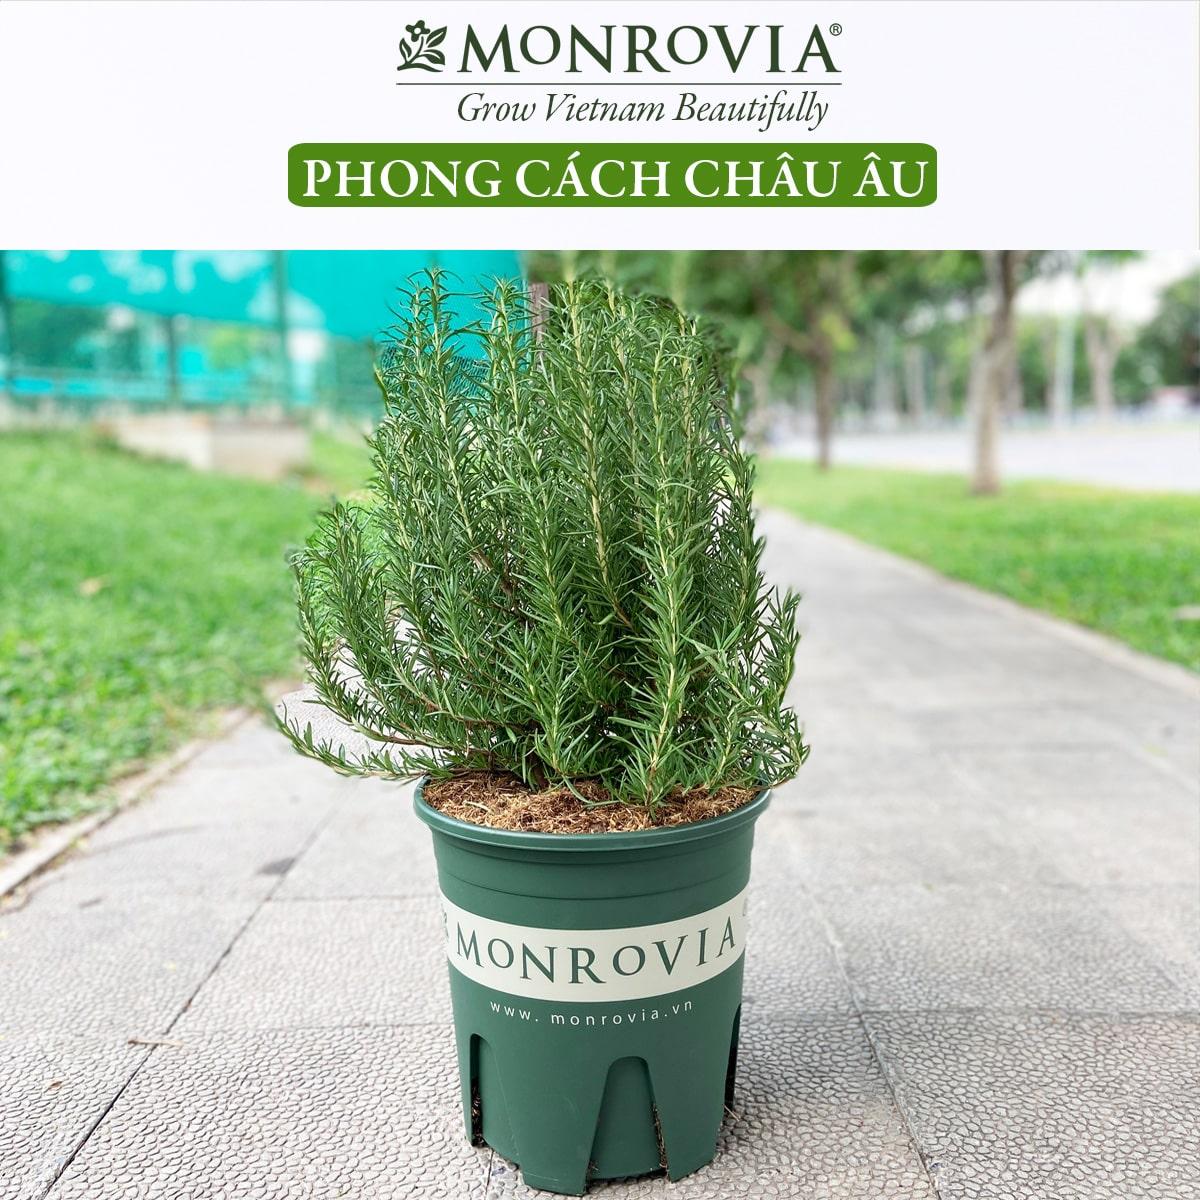 Chậu nhựa trồng cây Monrovia, chậu trồng cây, chậu cây cảnh mini, để bàn, treo ban công, treo tường, cao cấp, m-serries (15)-min